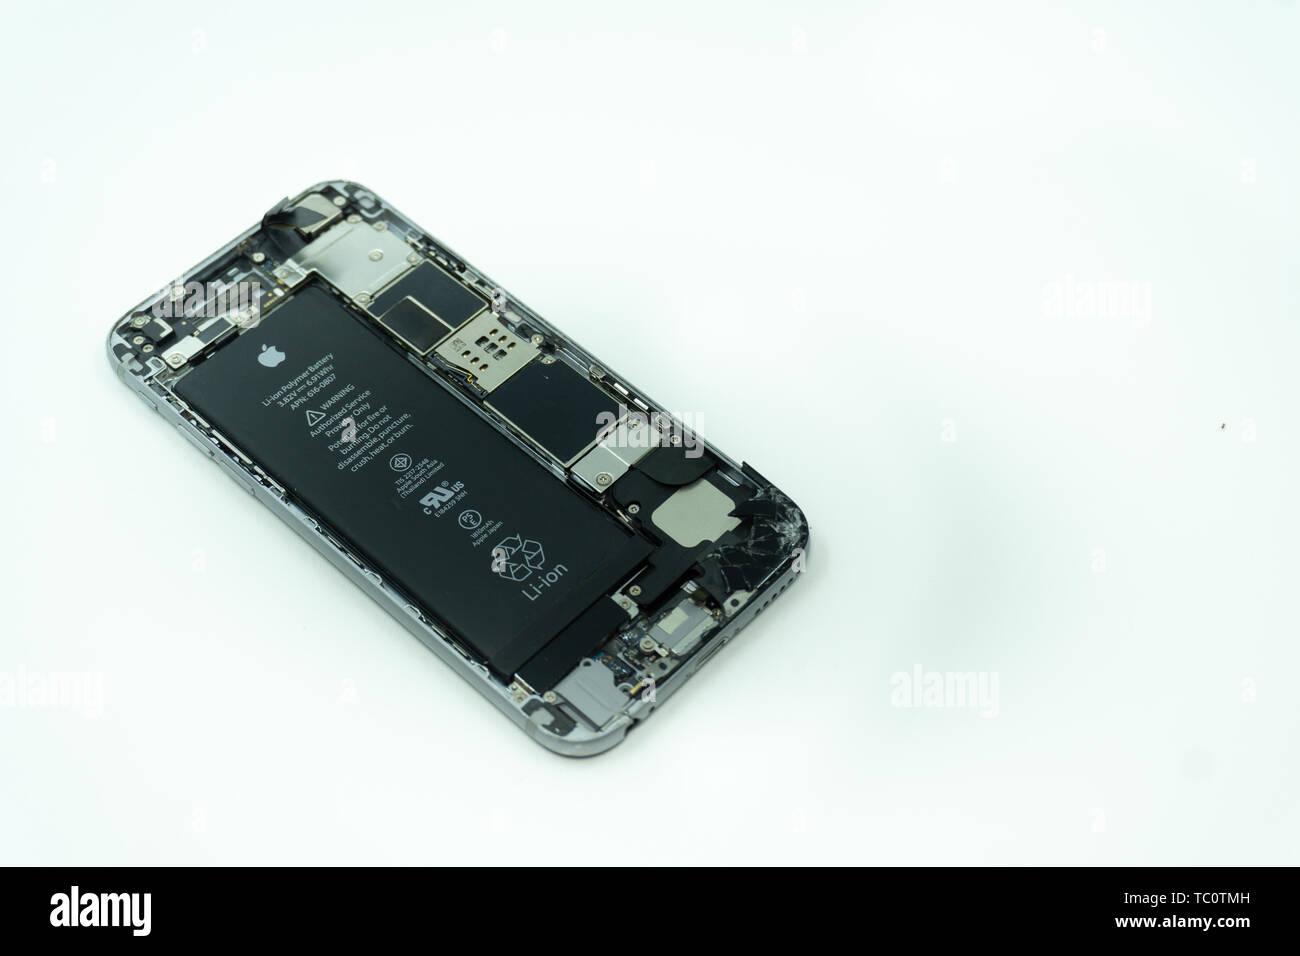 799cab42b8f Schermo Di Iphone Distrutto Immagini & Schermo Di Iphone Distrutto ...